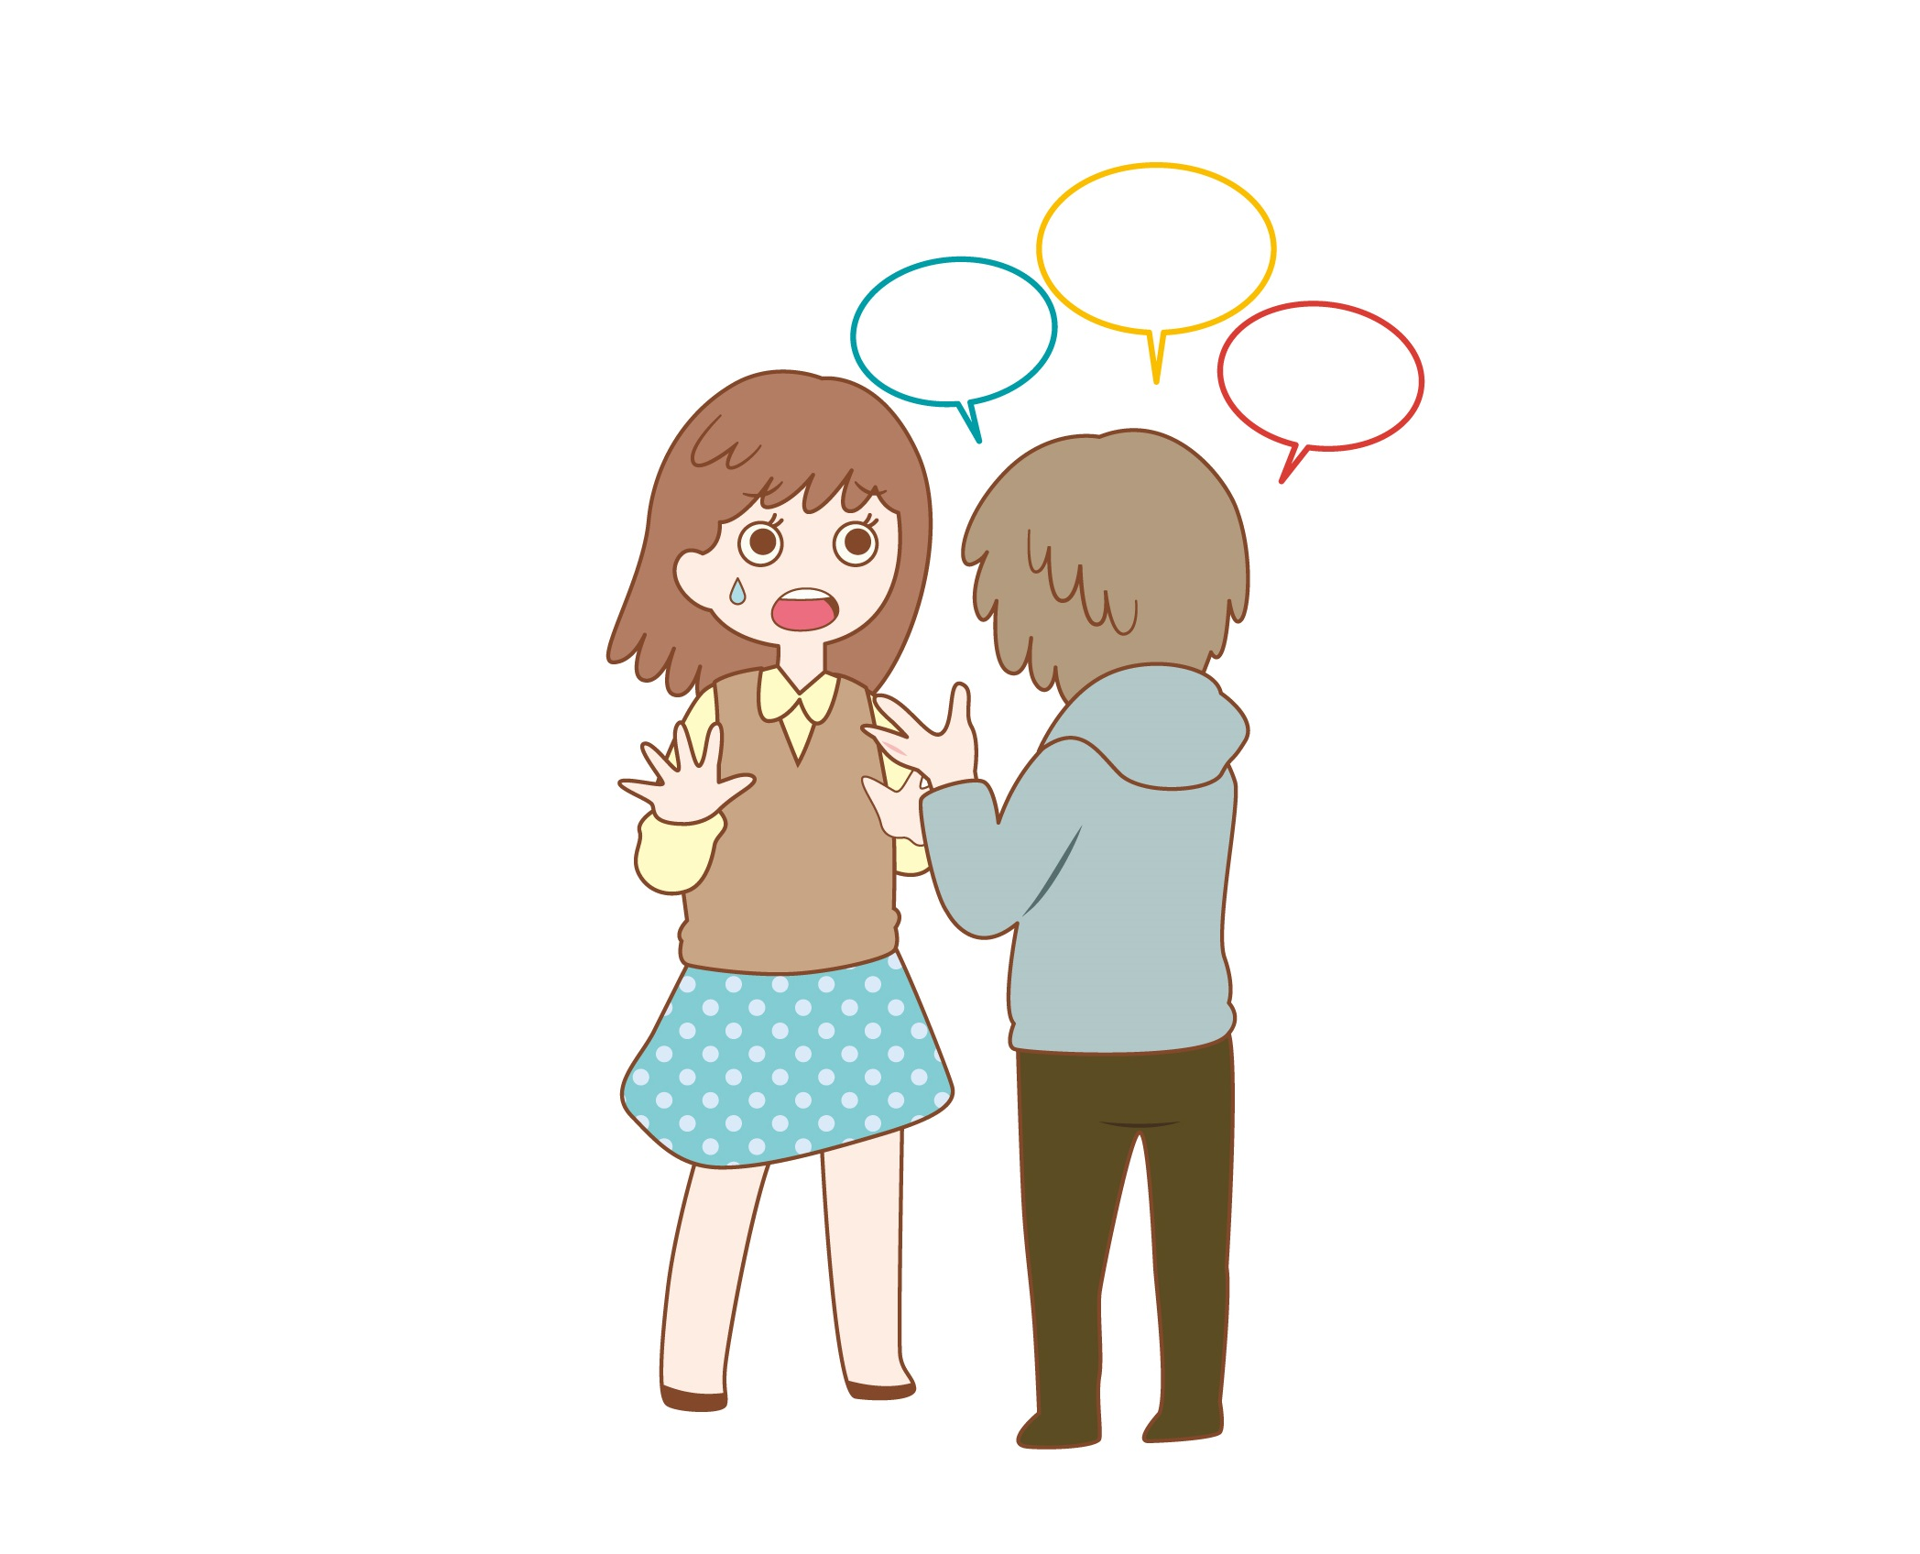 よく騙されてしまうのは優しくて気が弱いから?人付き合いが怖いです…